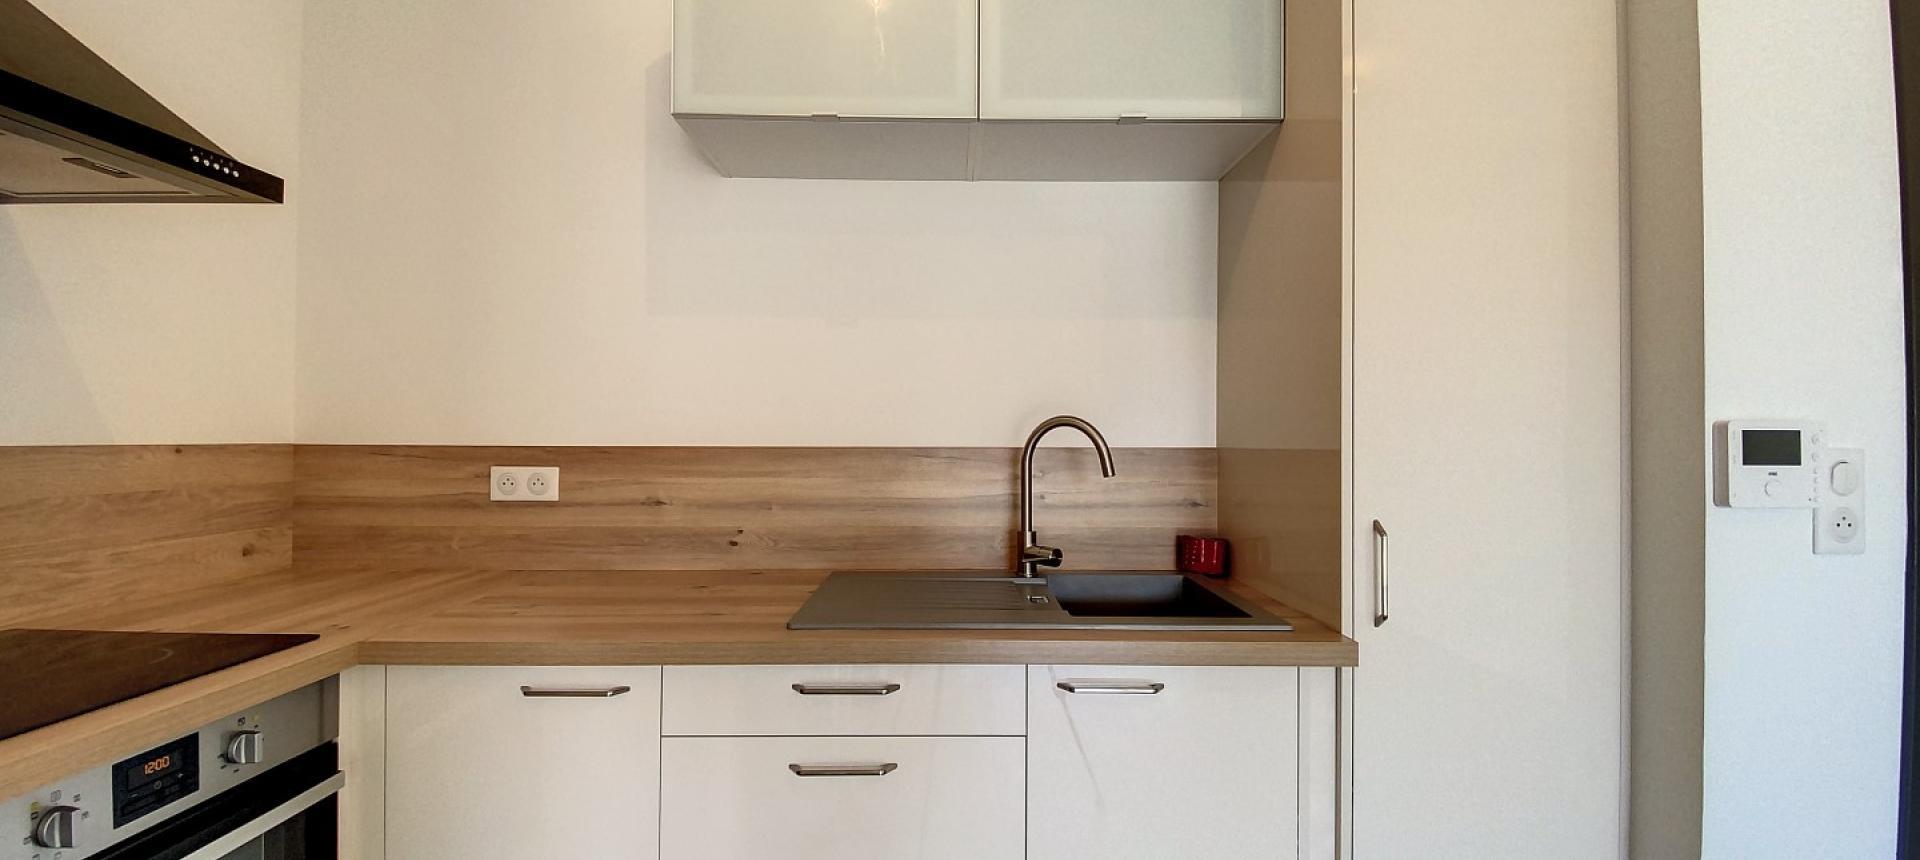 Cuisine - Vente appartement T2 à Ajaccio secteur Mezzavia